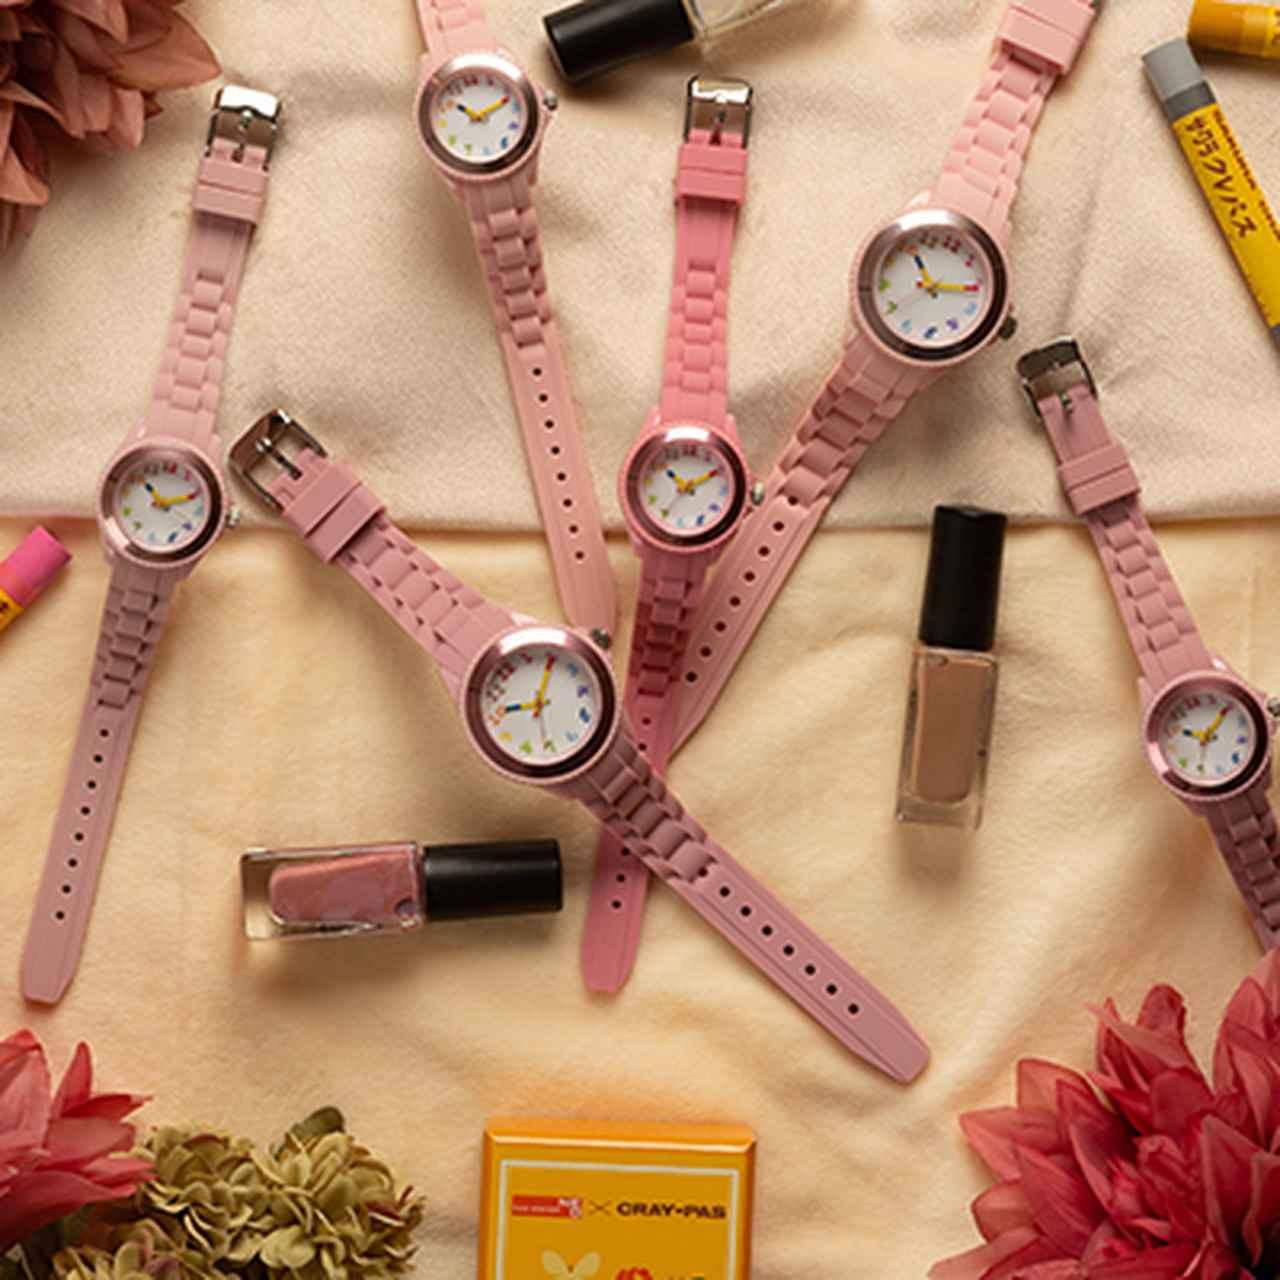 画像1: 【腕時計のおすすめ】全70色から選べる「クレパス柄トケイ」が安くておしゃれ!